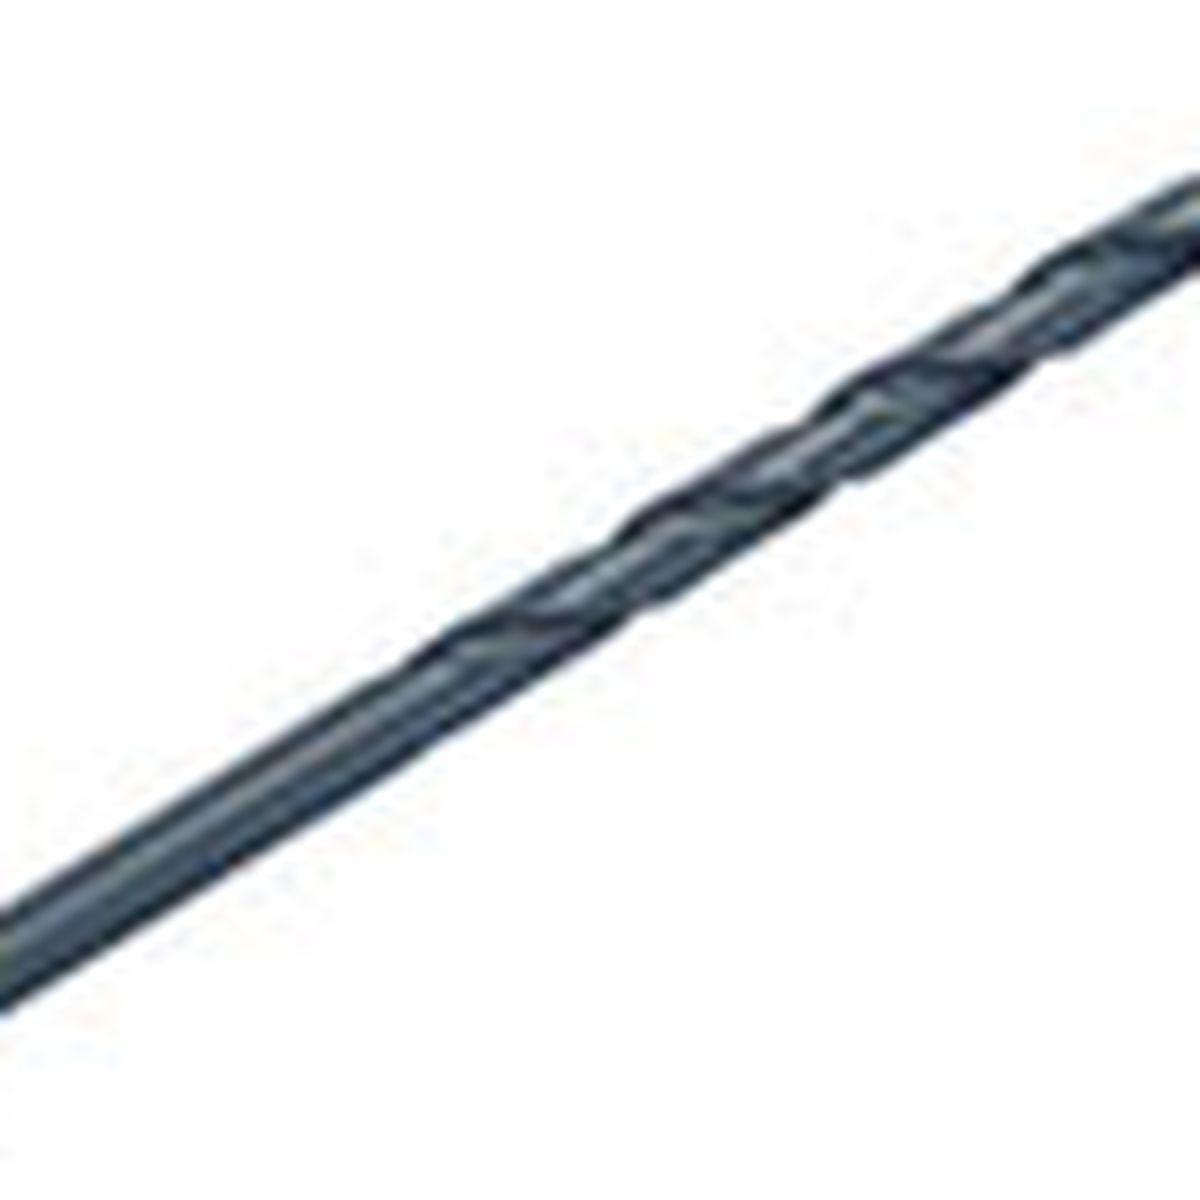 5/16-inch drill bit